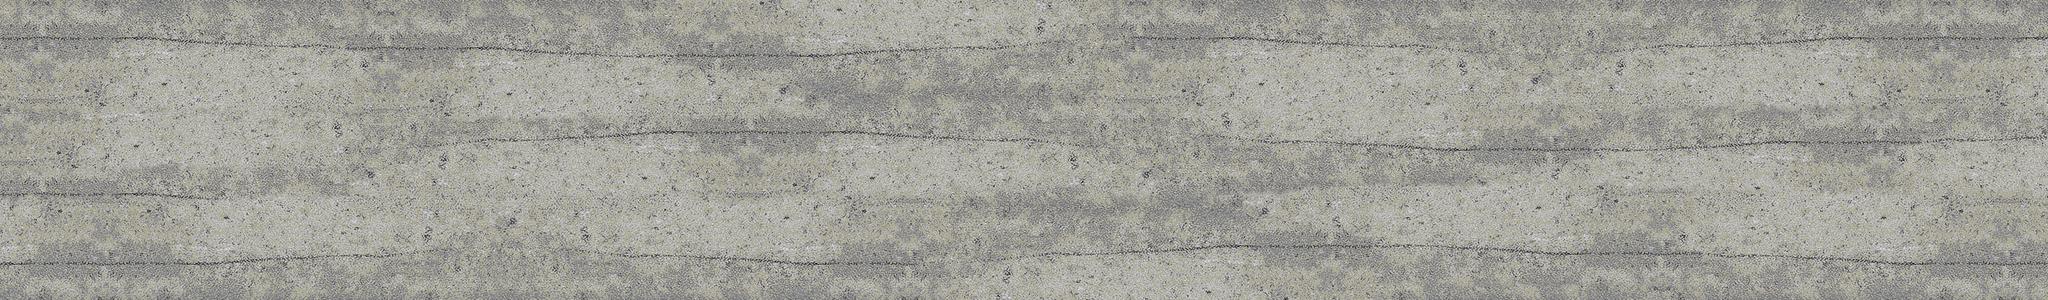 HD 29459 ABS Edge Atrium Grey Pearl